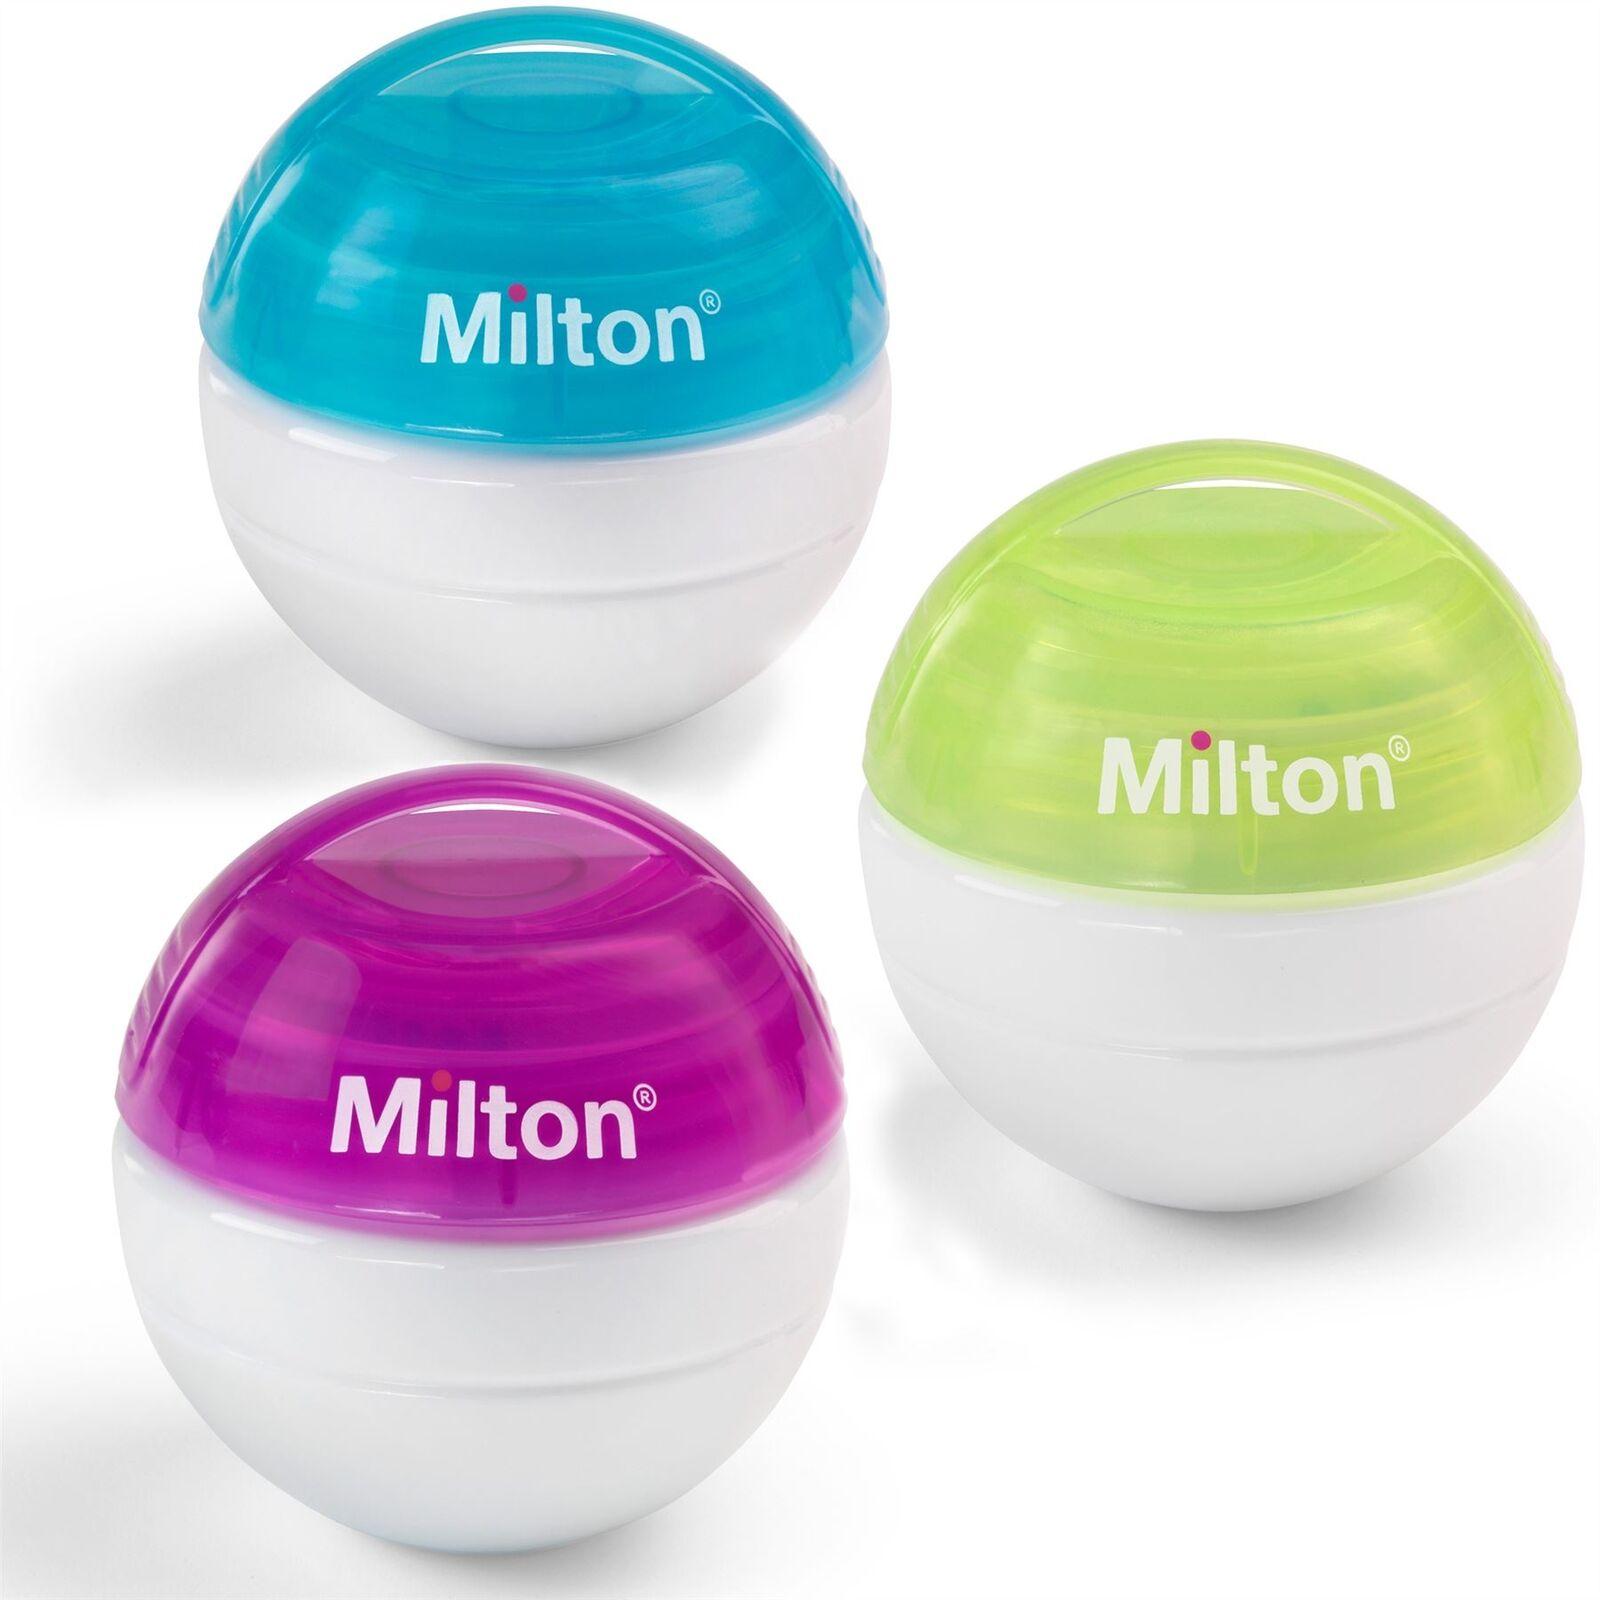 Milton Tragbarer Mini Schnuller Sterilisator /& Tabletten Alle Farben Erhältlich